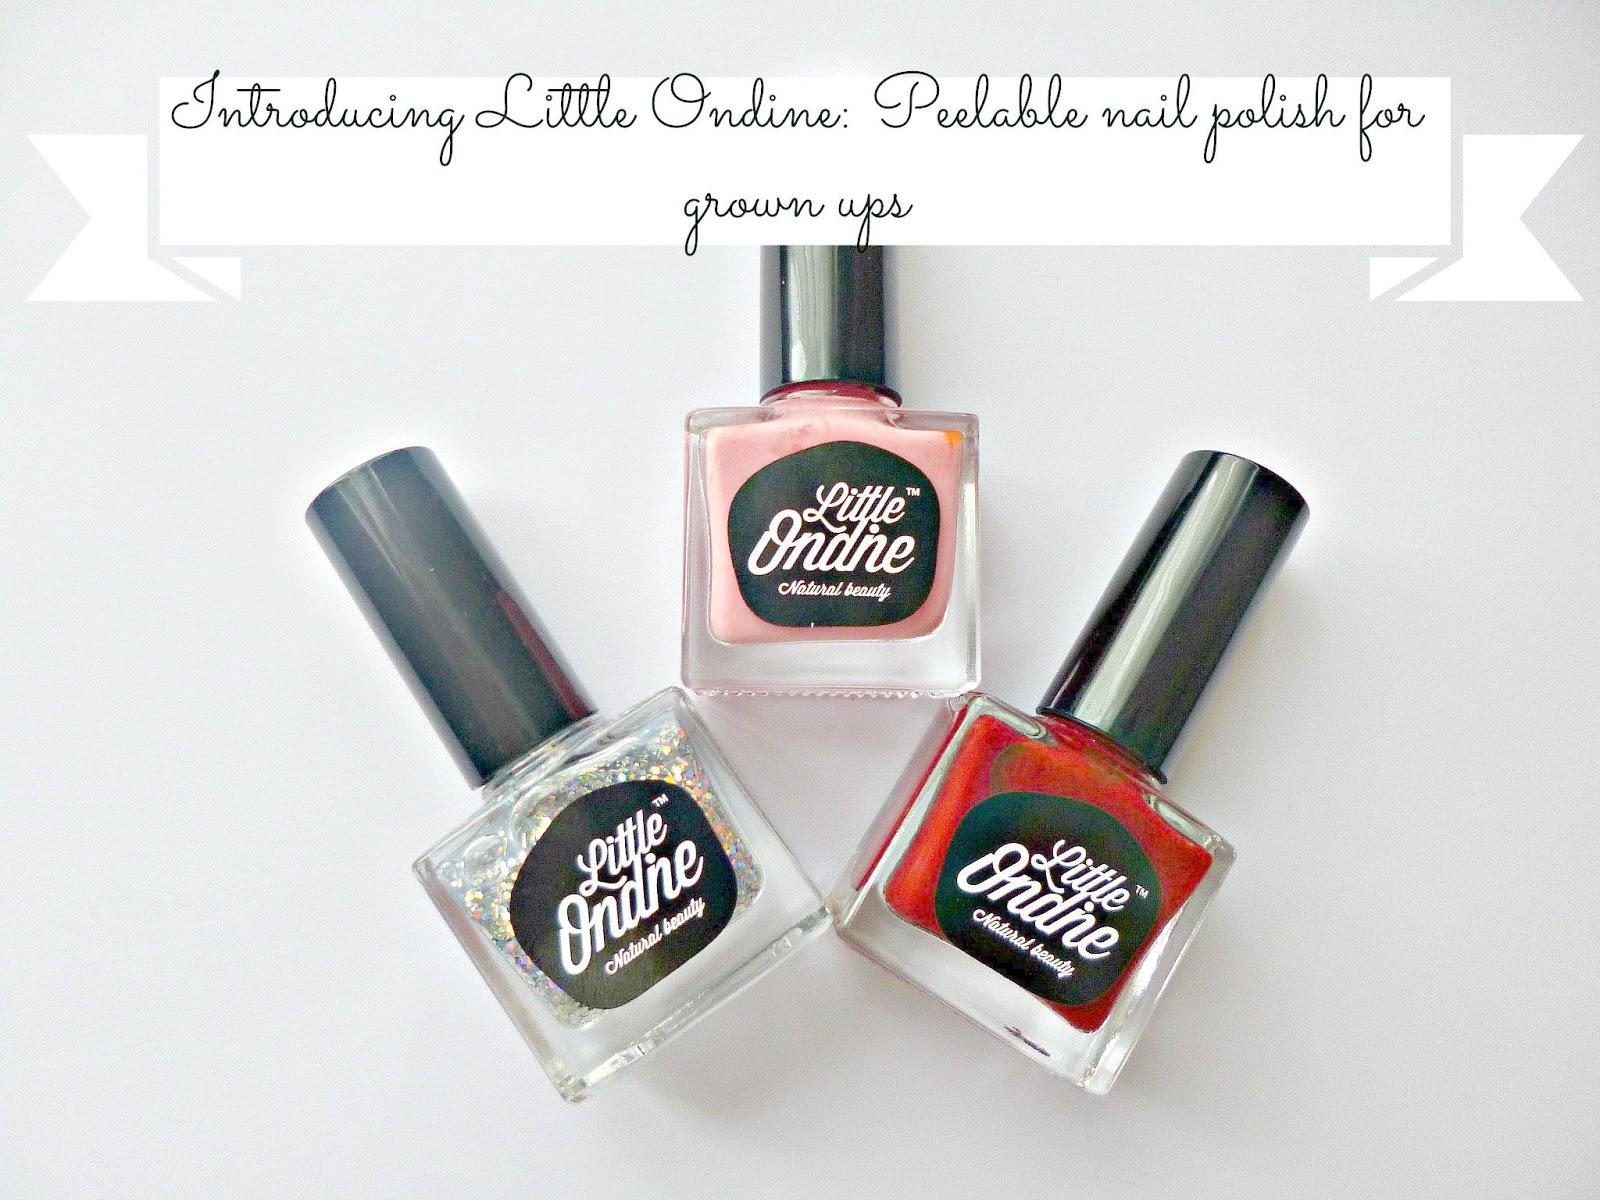 Little Ondine: Peelable nail polish for grown ups